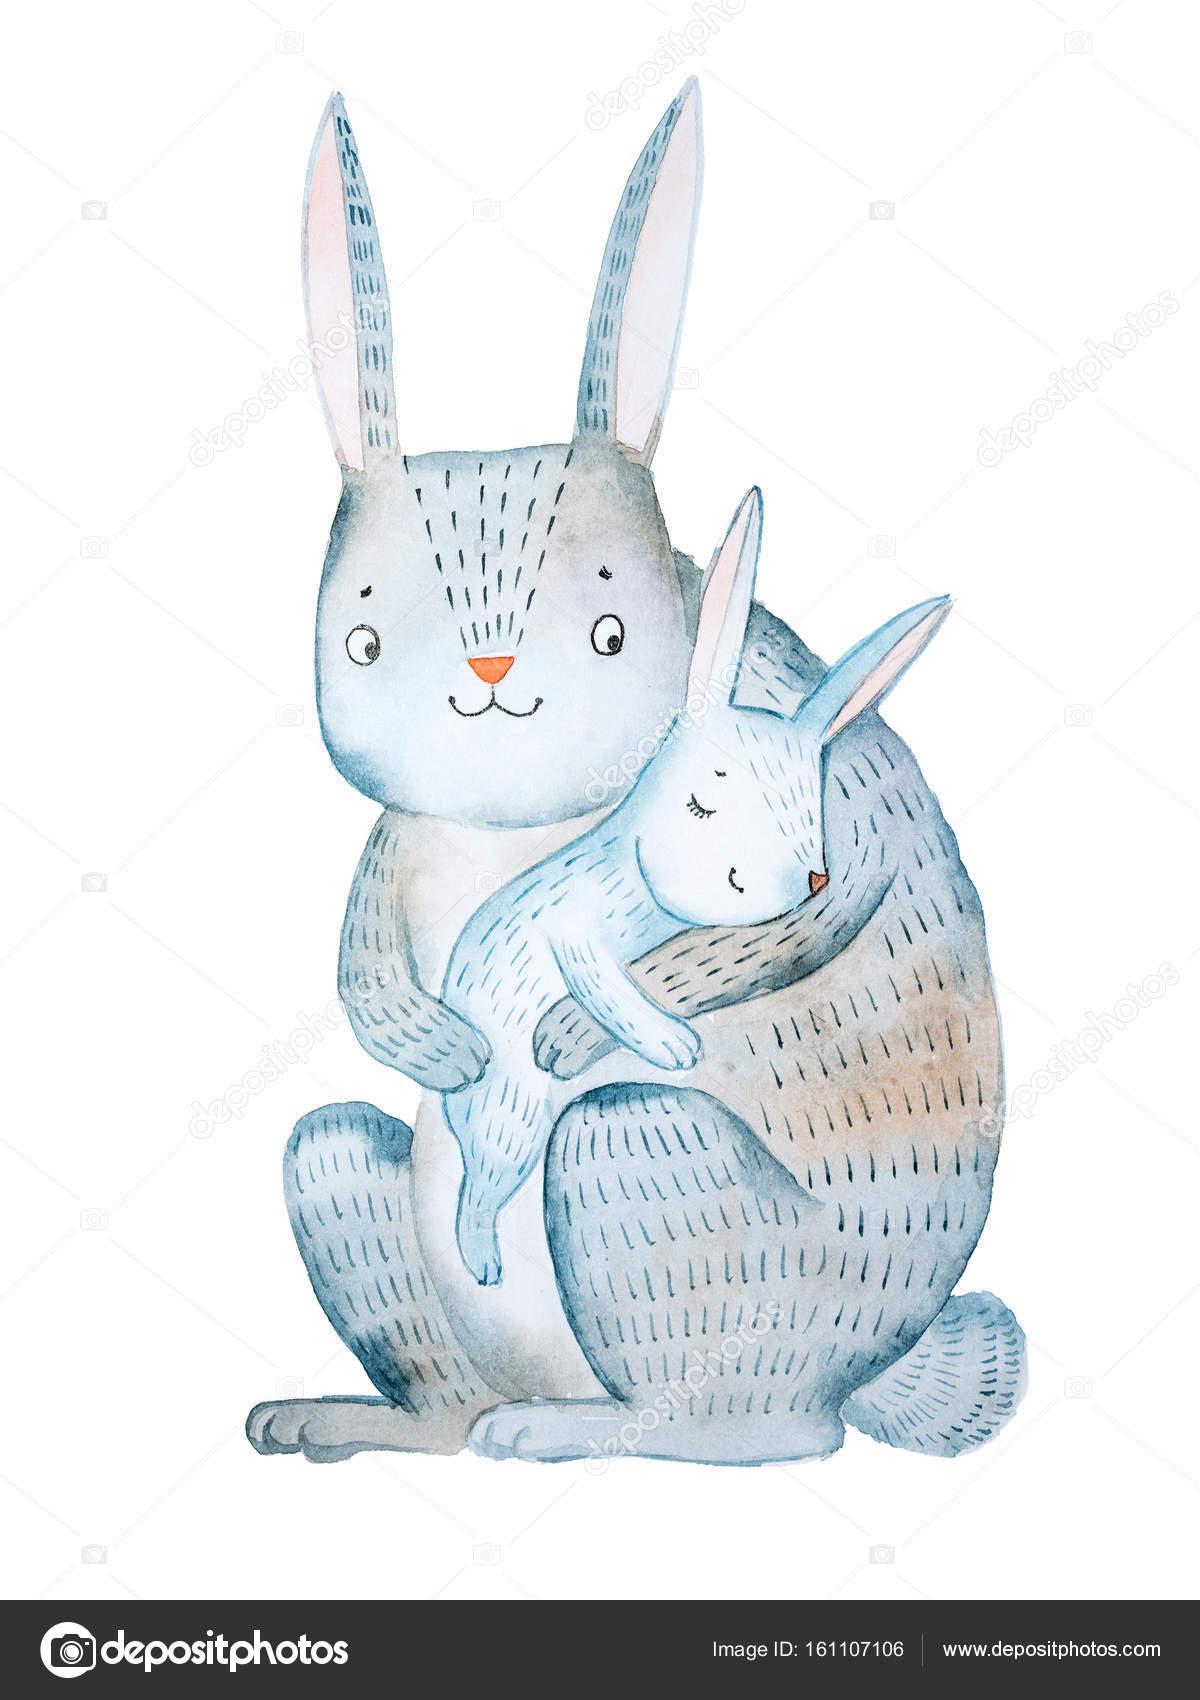 484a9a6cca567 Dessin animé lapin de mère tenant son bébé berçant dormir dessinés à la  main avec aquarelle isolé sur fond blanc– images de stock libres de droits